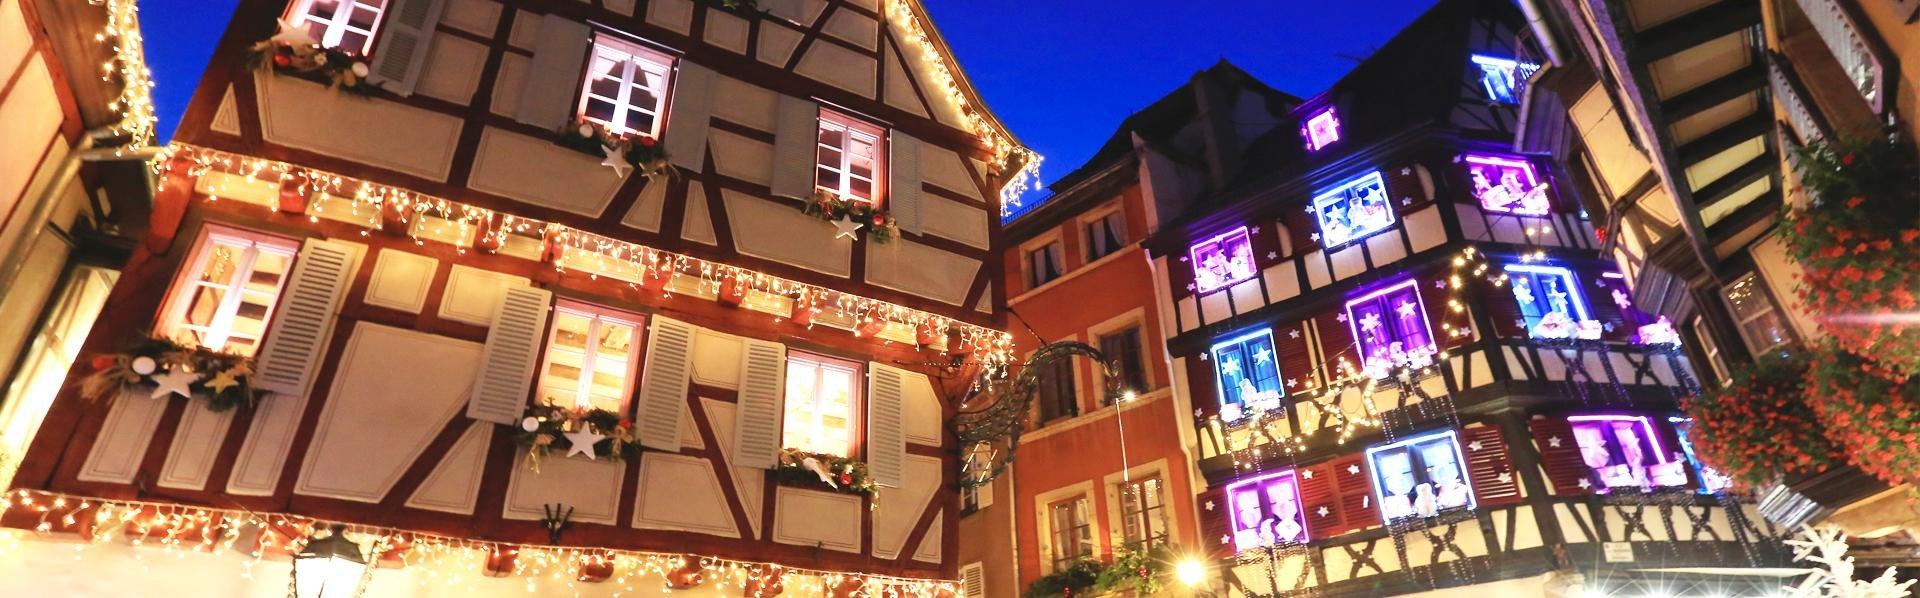 Colmar, Frankrijk, met kerst